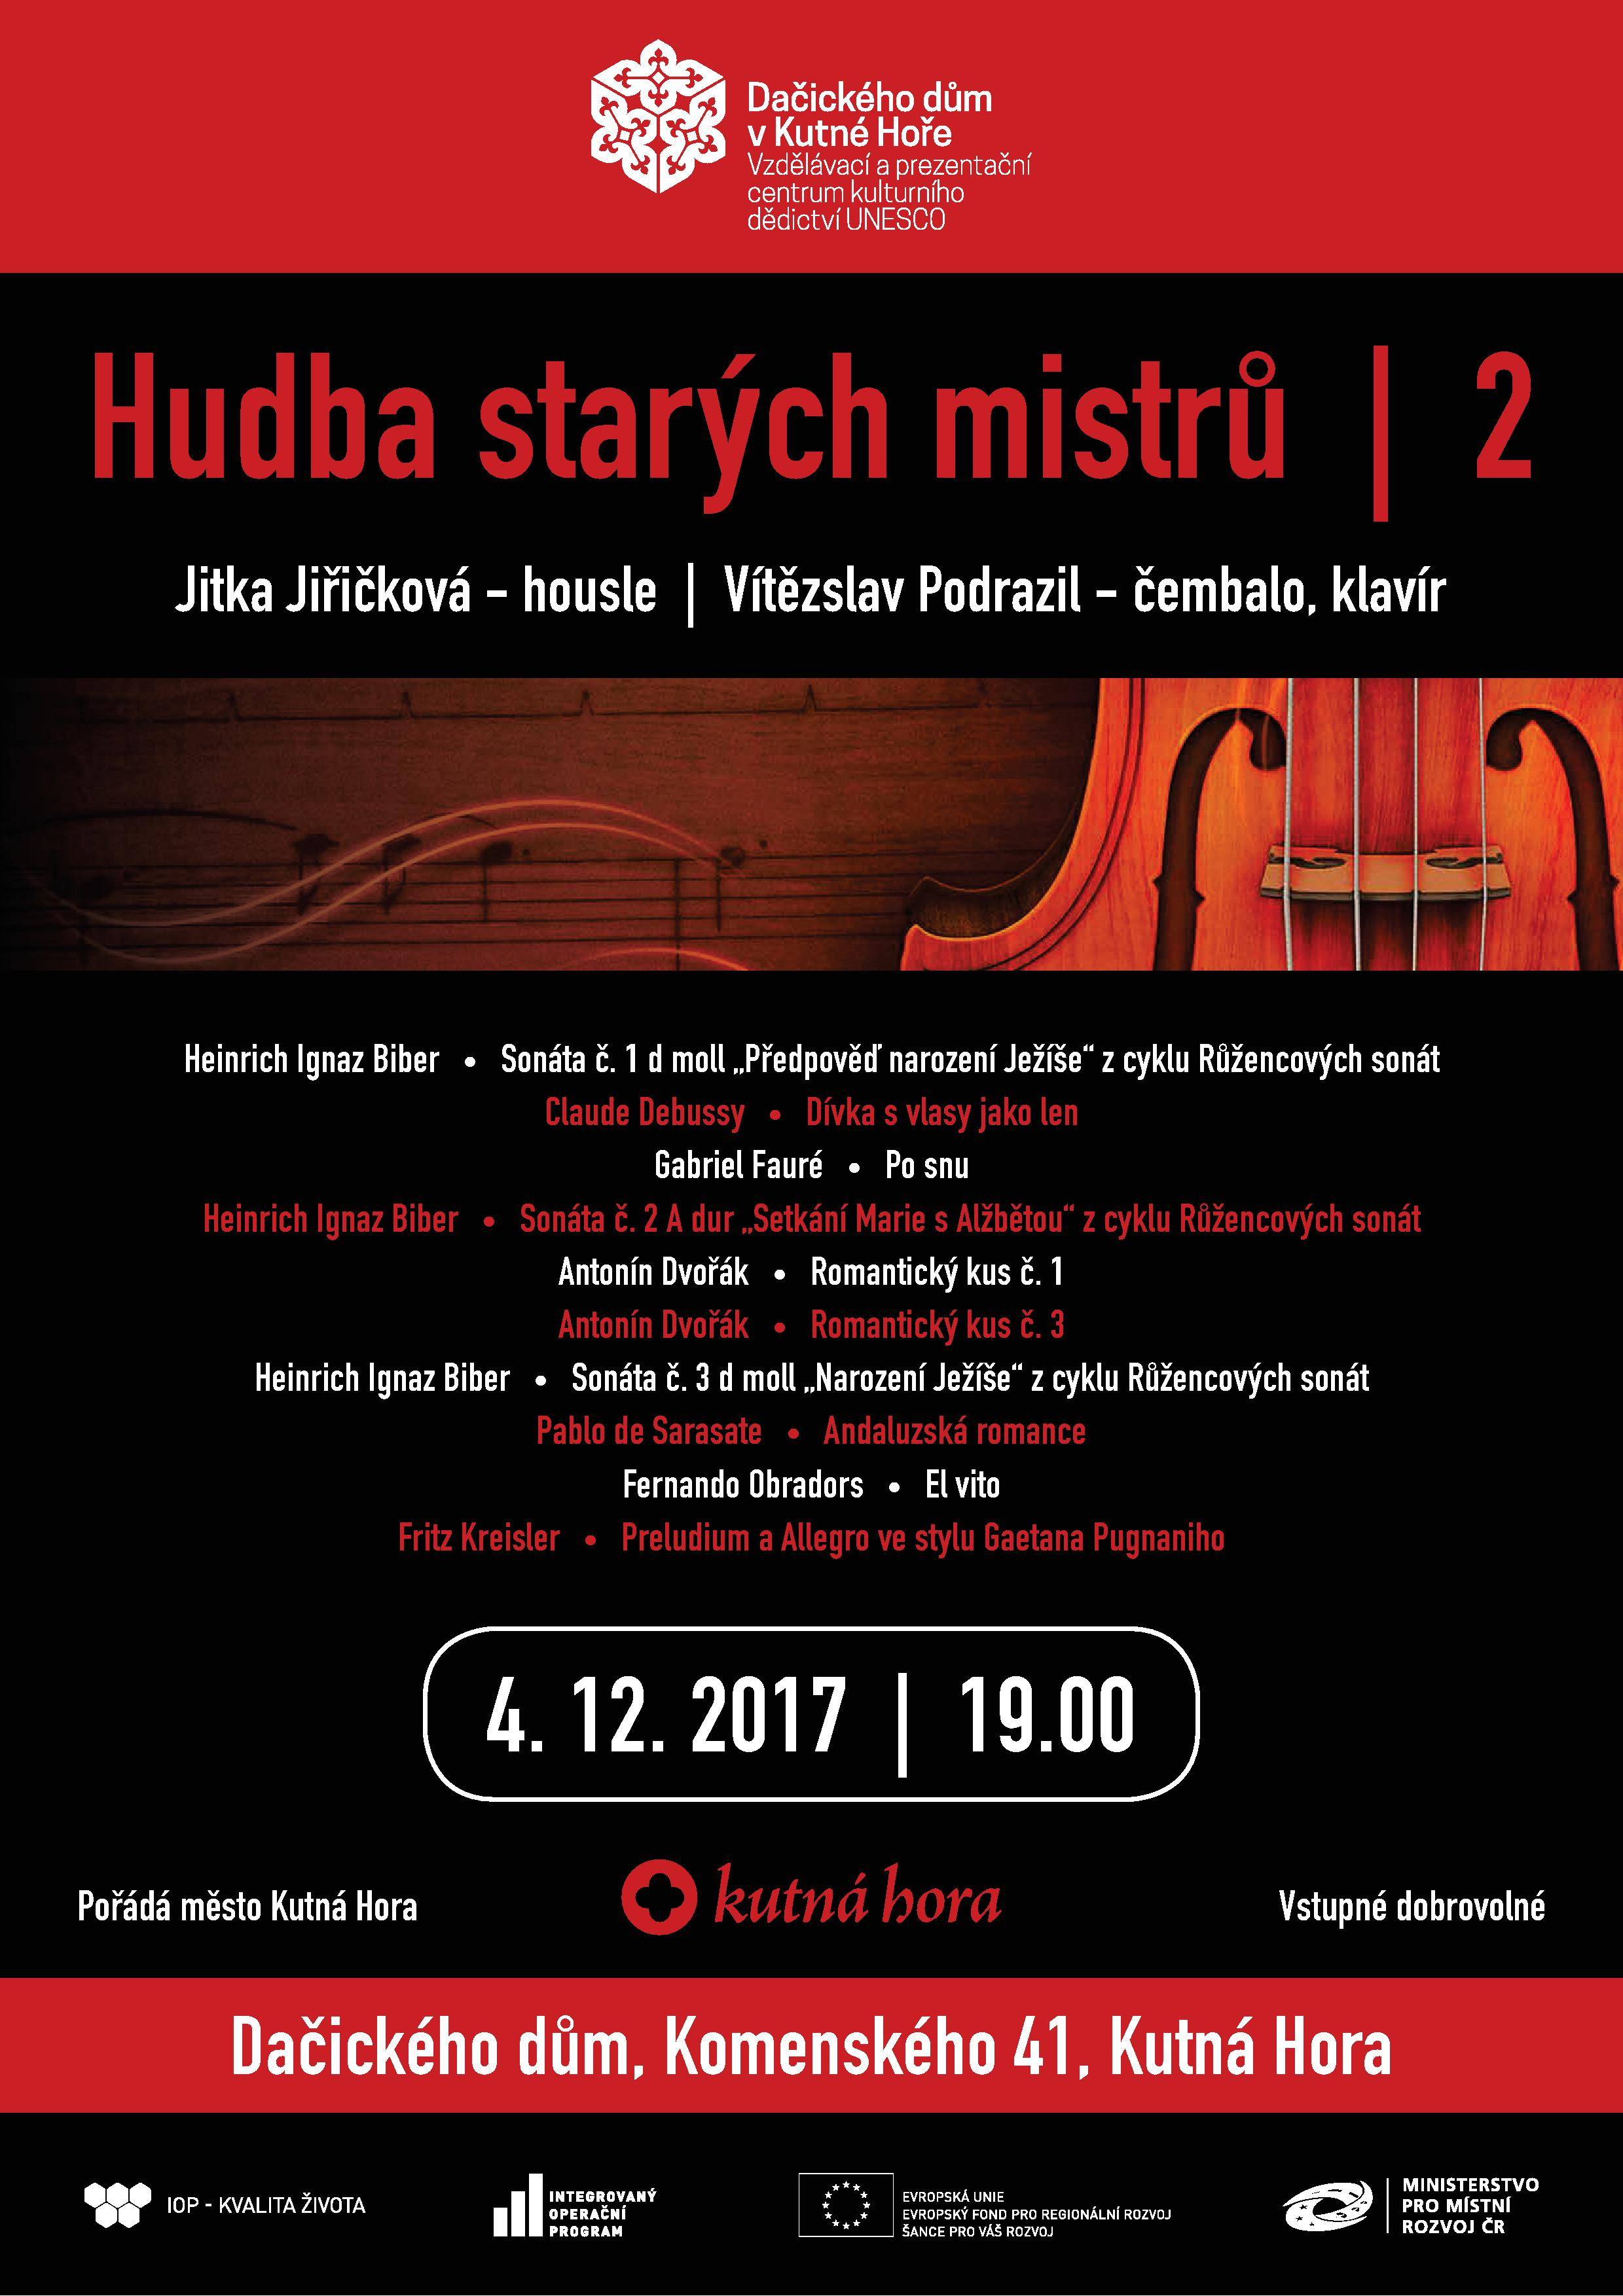 1477-hudba-starych-mistru-2017.jpg